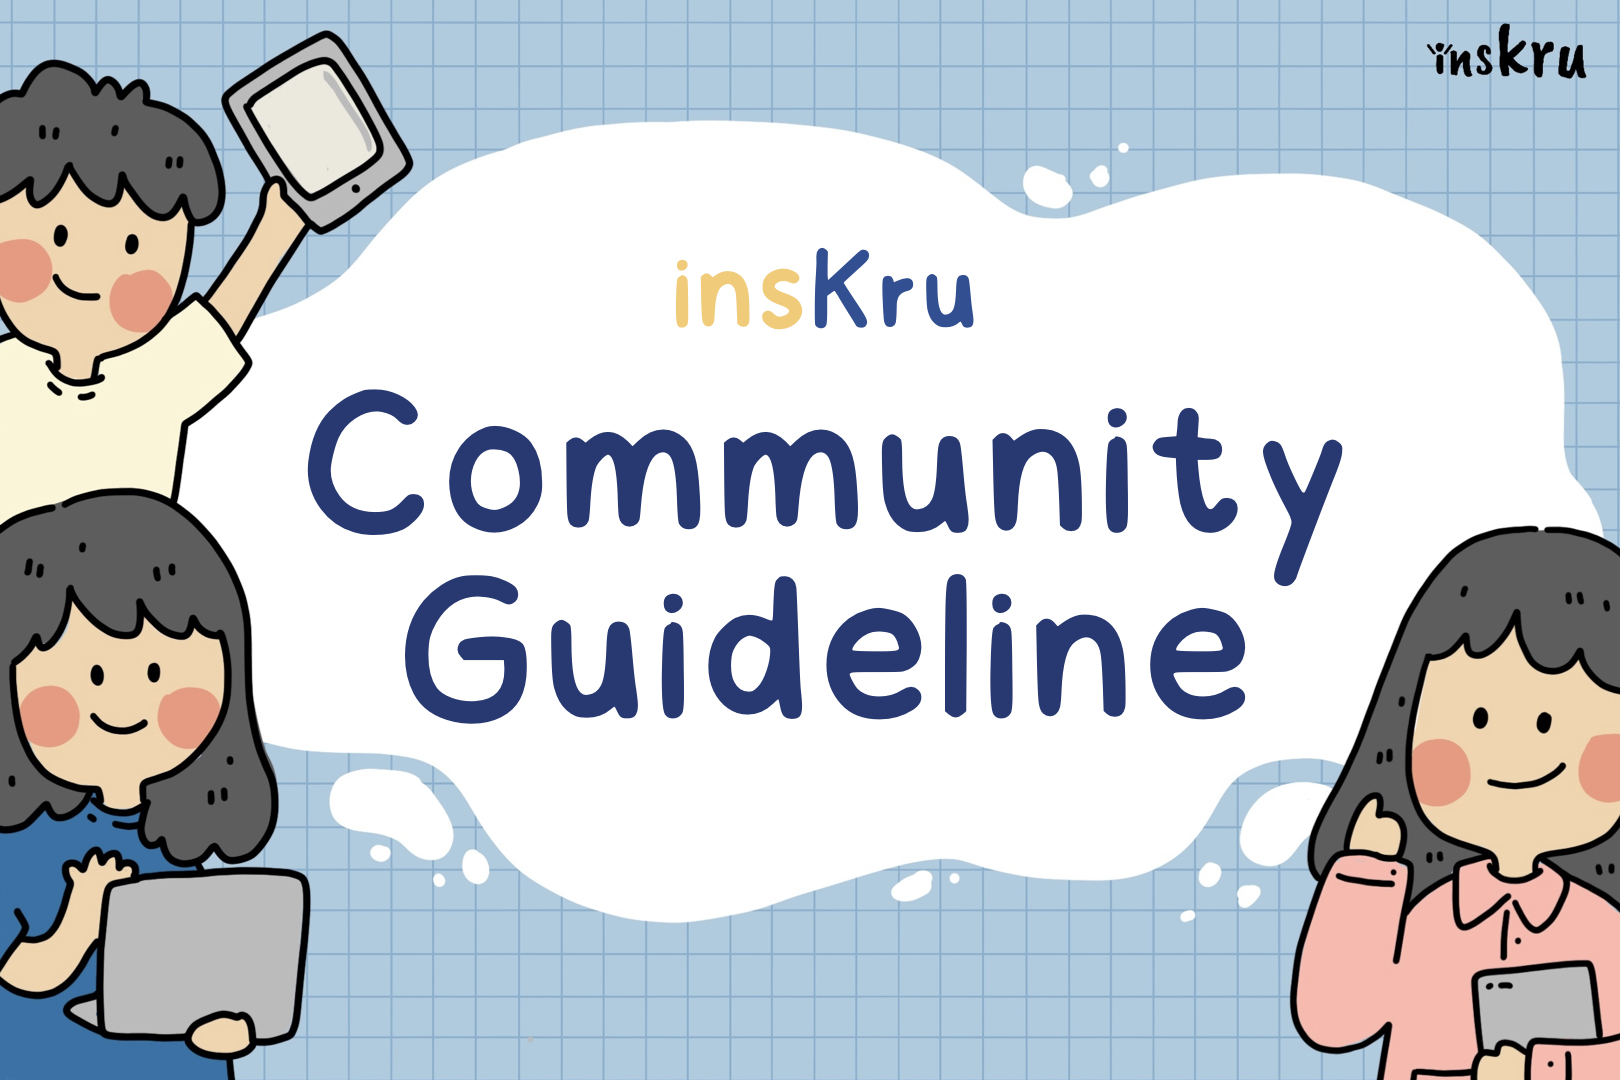 ภาพประกอบไอเดีย 🤩 insKru Community Guidelines 🤩